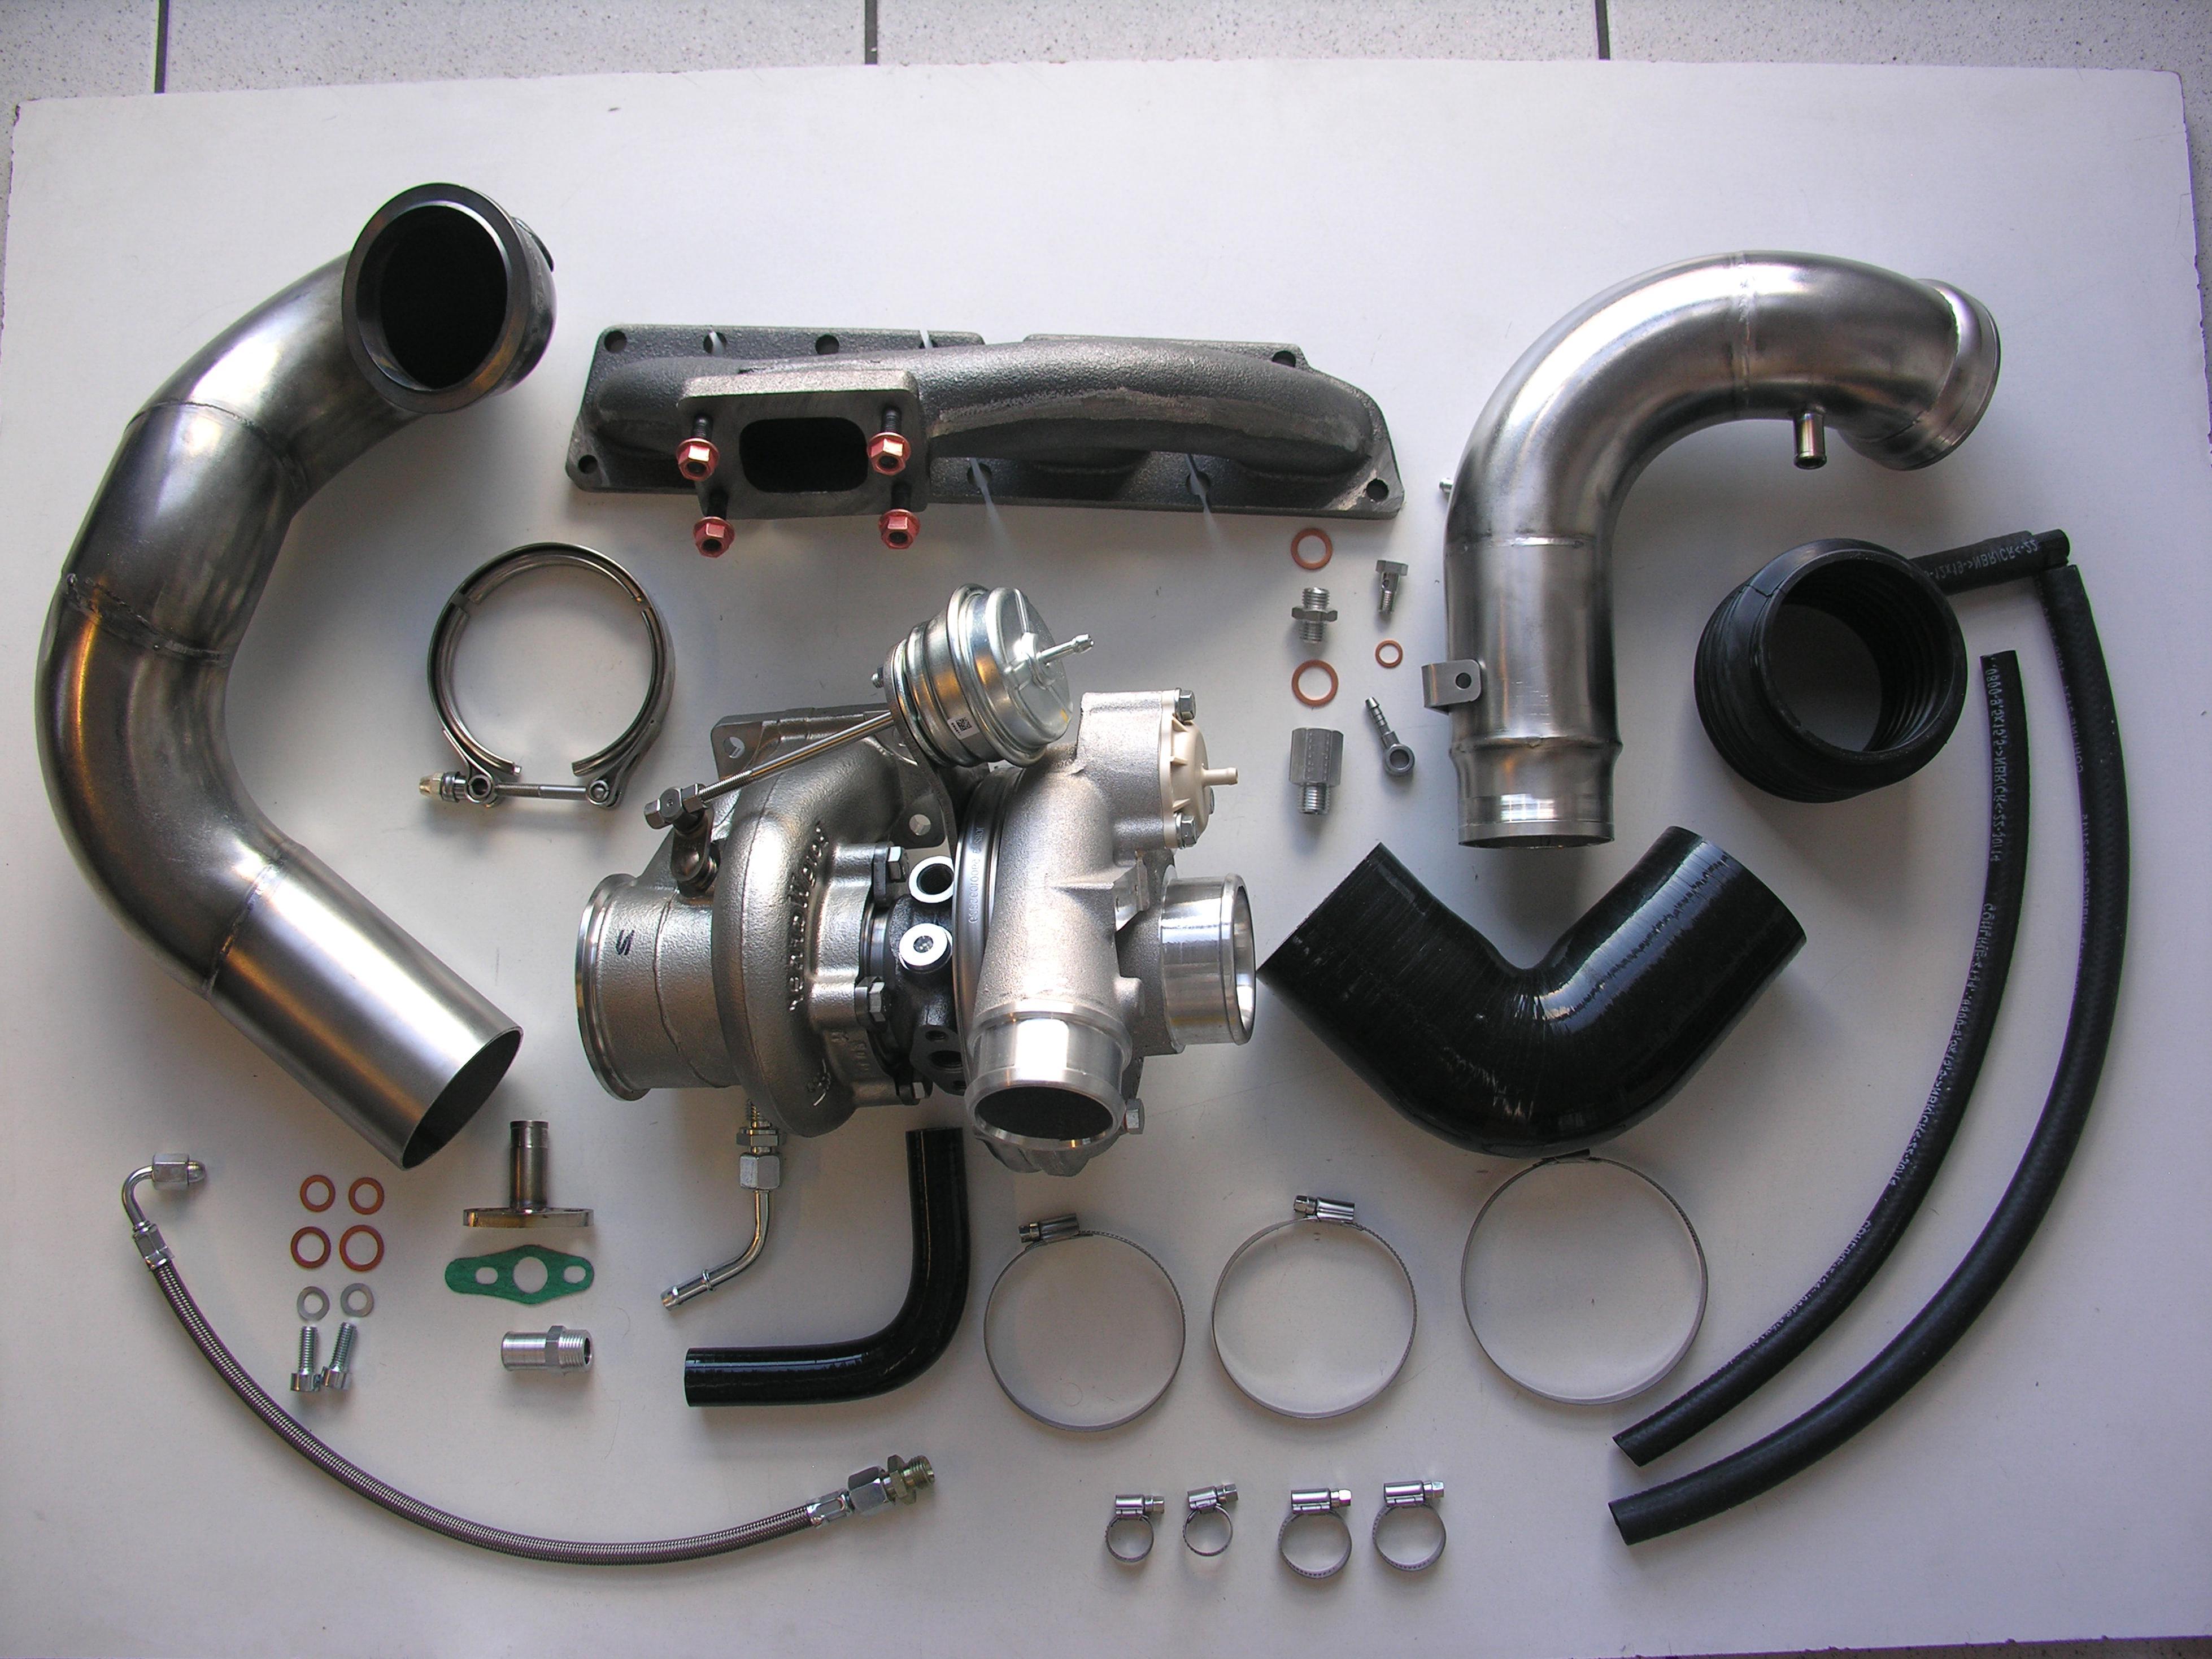 c20let turbo gebraucht kaufen